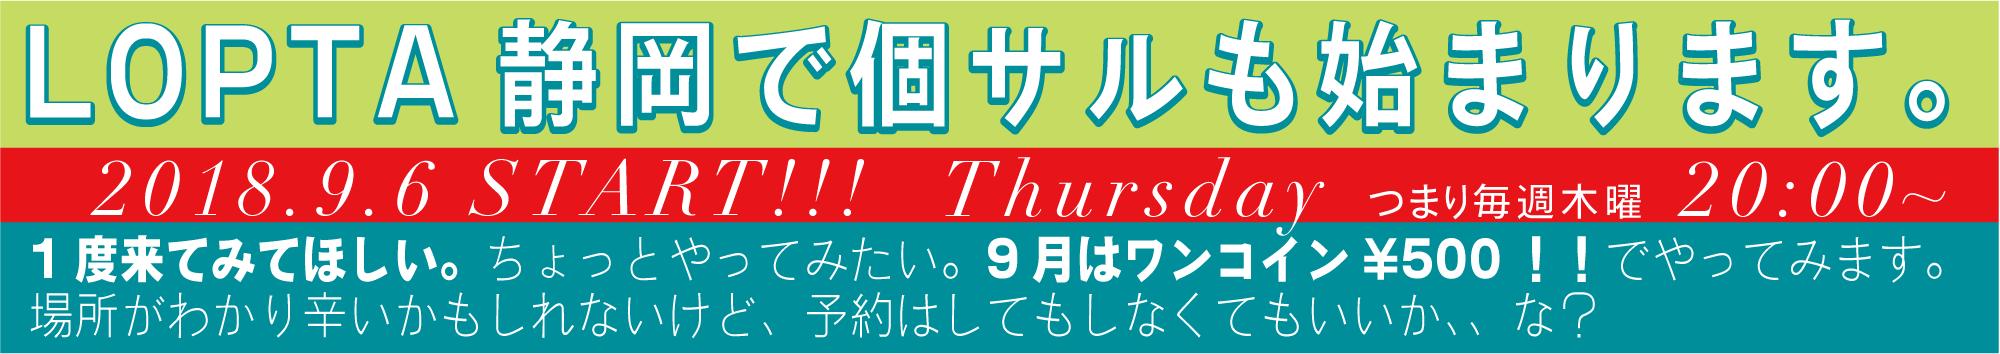 ロプタ静岡個人フットサル 個サル